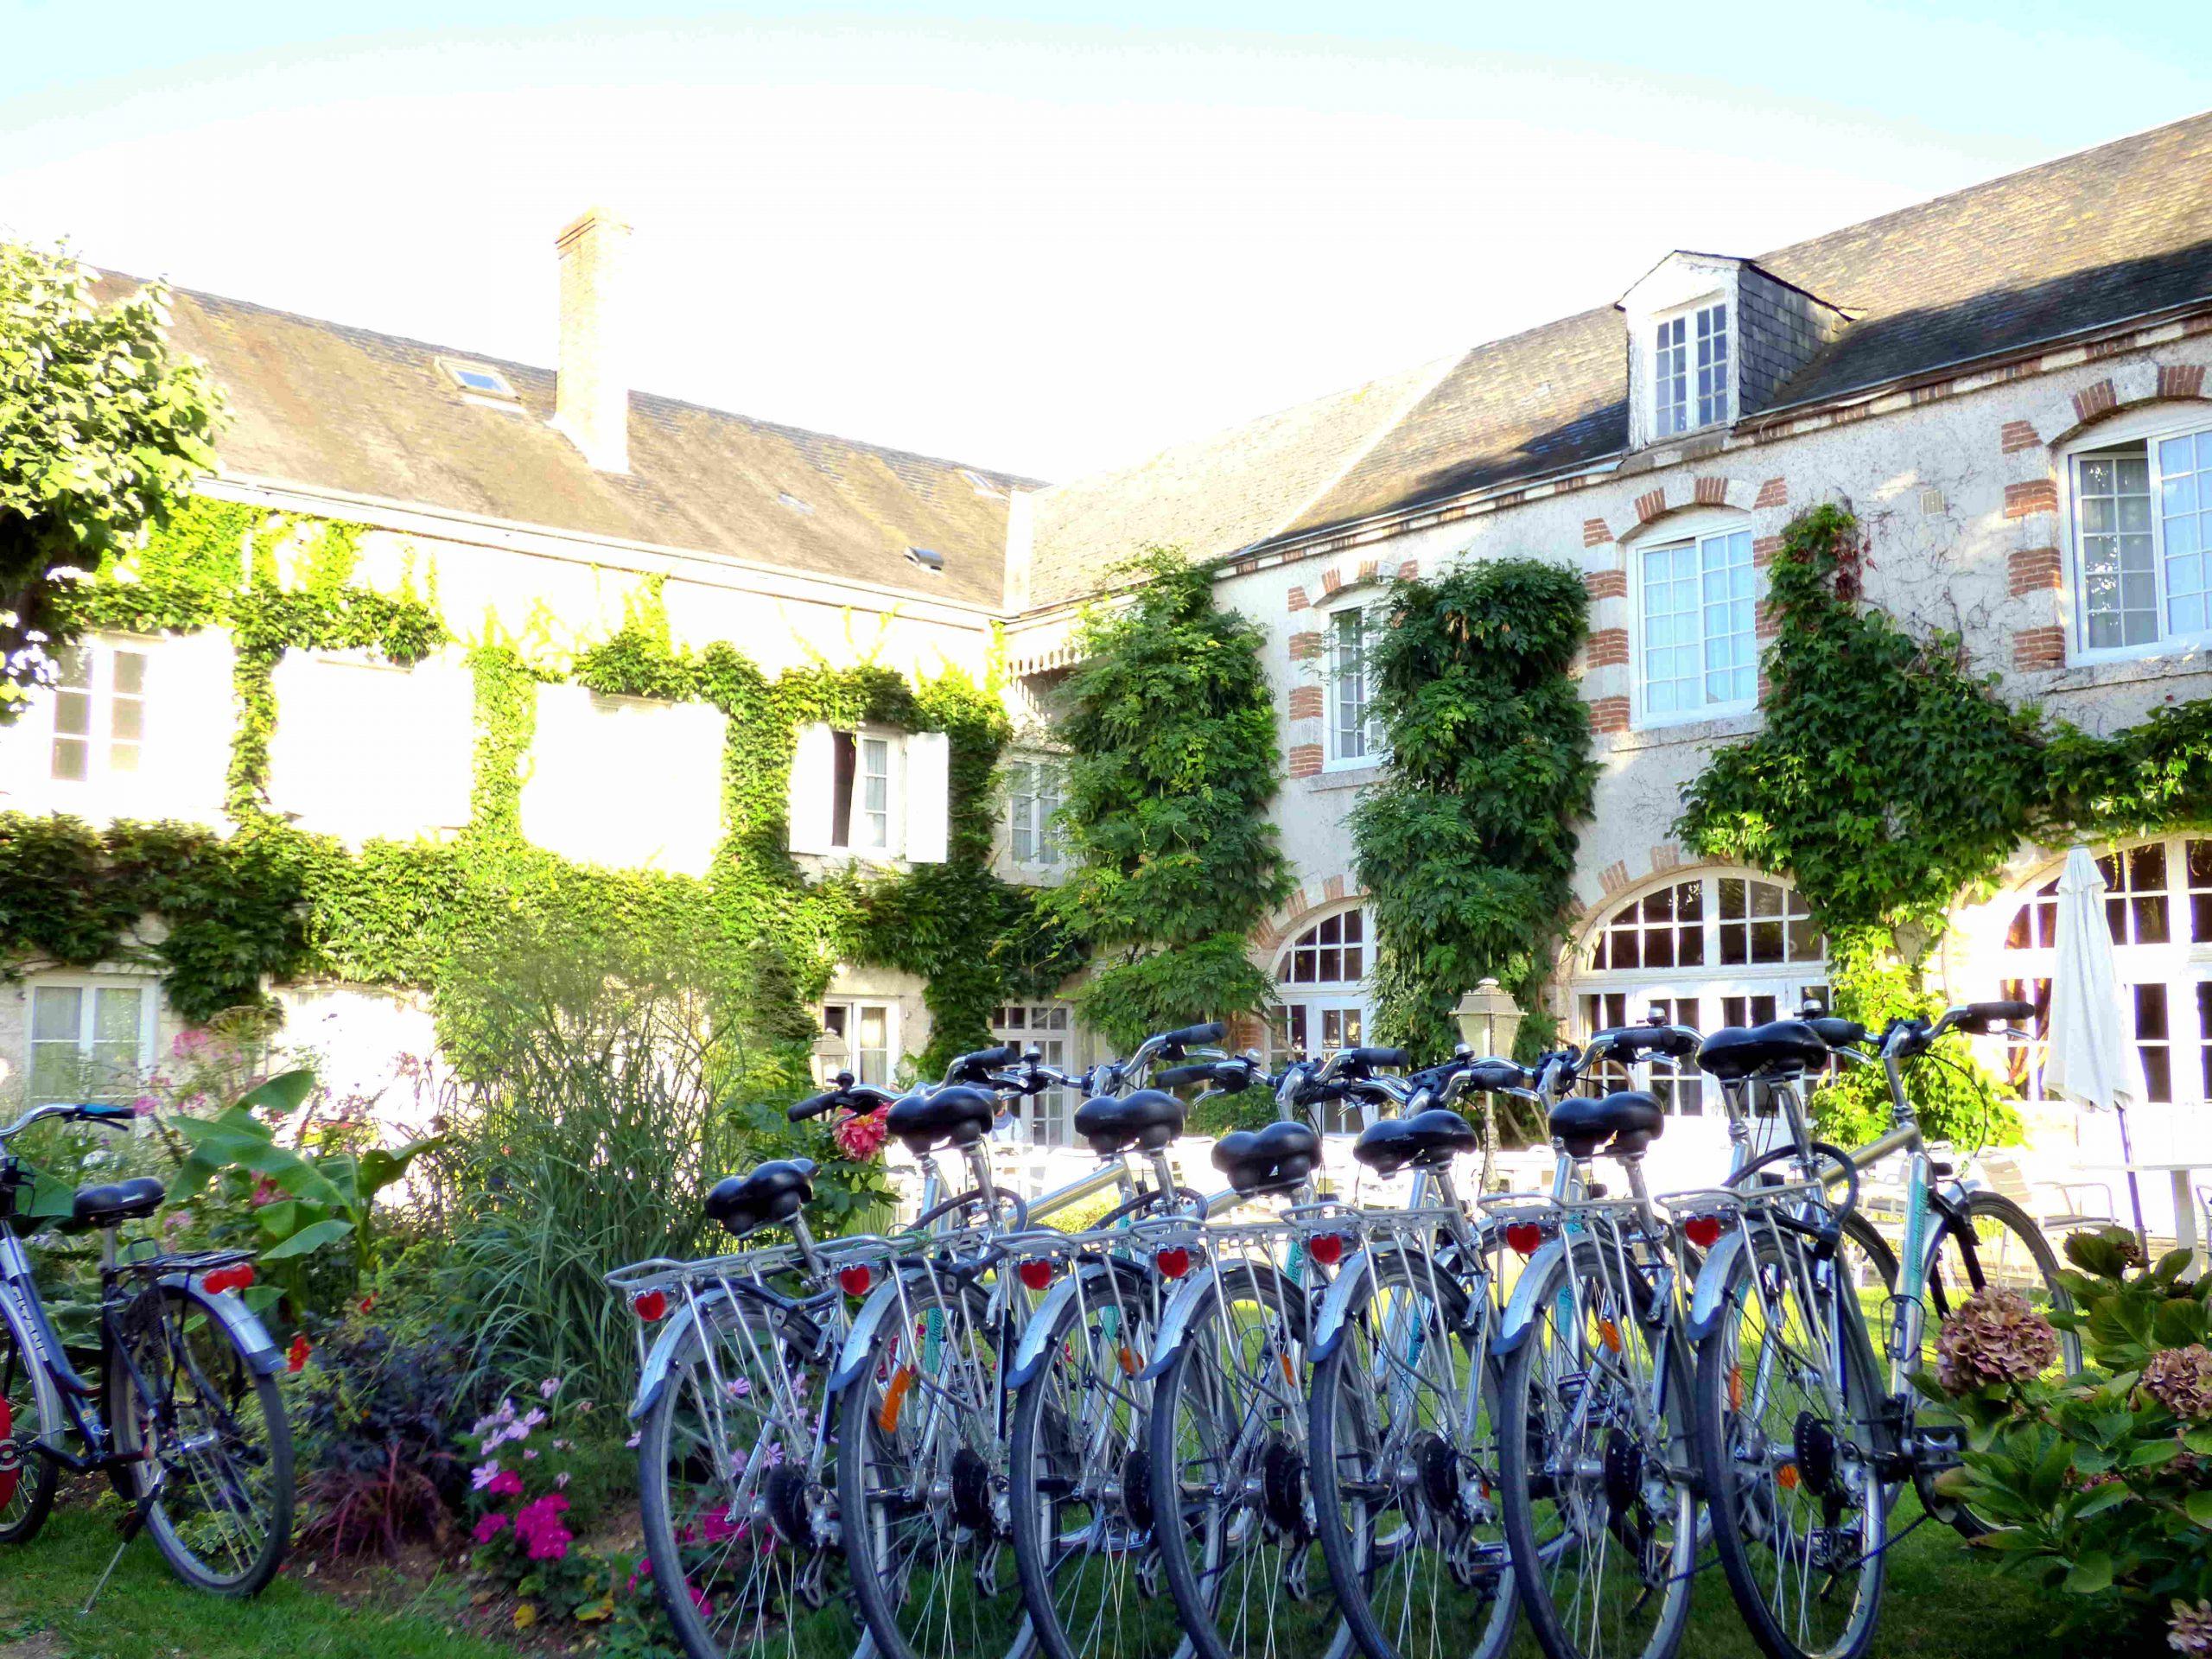 Accueil de groupe à hotel tonnellerie location de la maison pour la loire à vélo